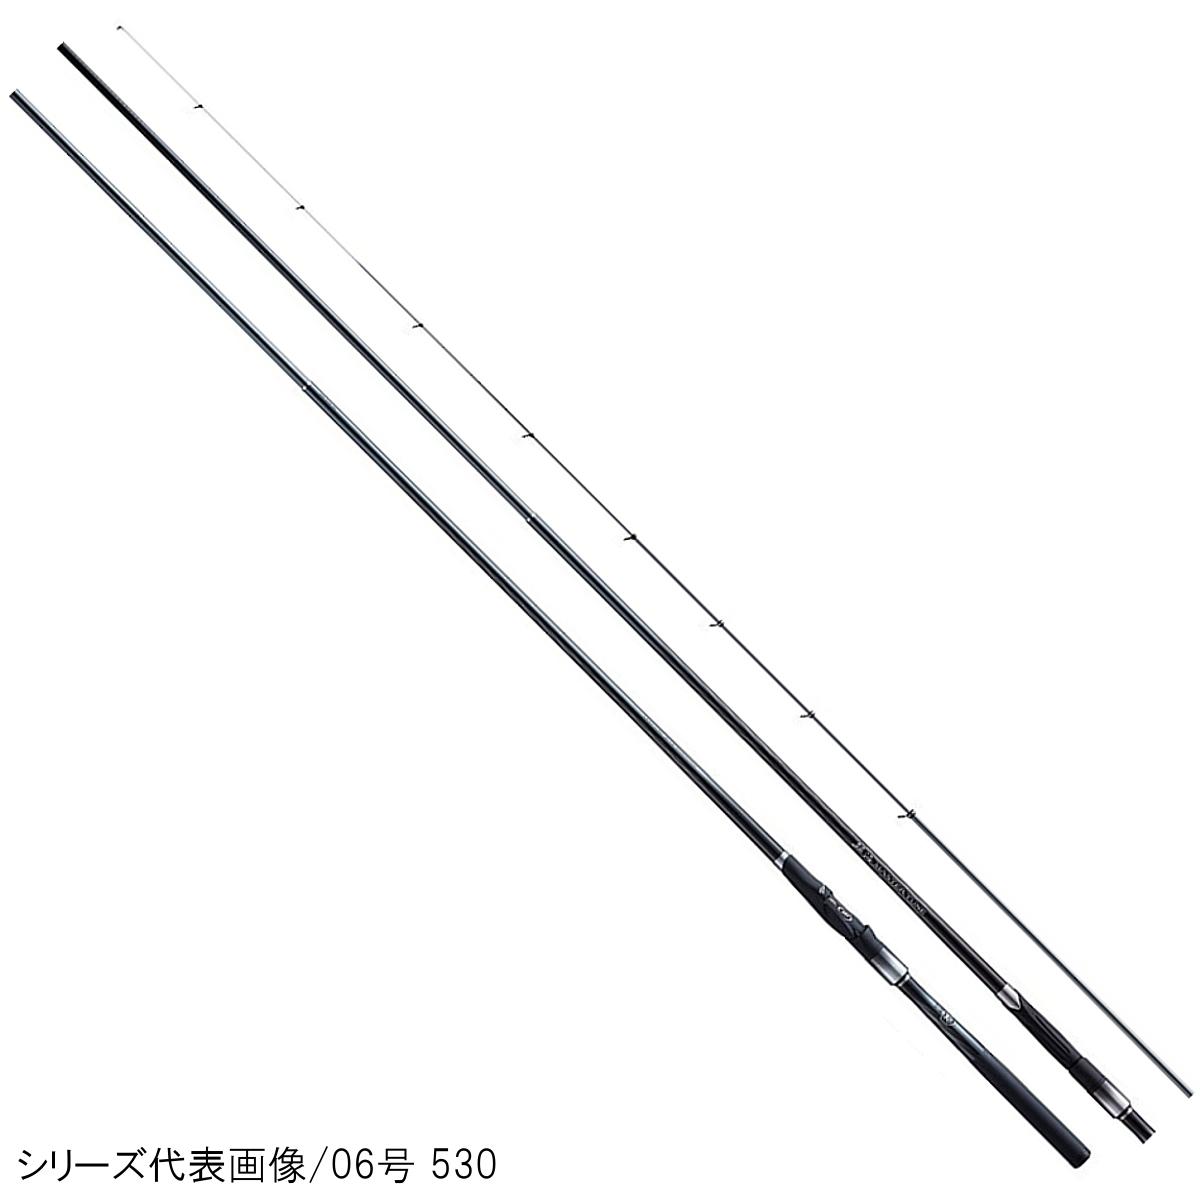 シマノ 鱗海 マスターチューン 1号 530(東日本店)